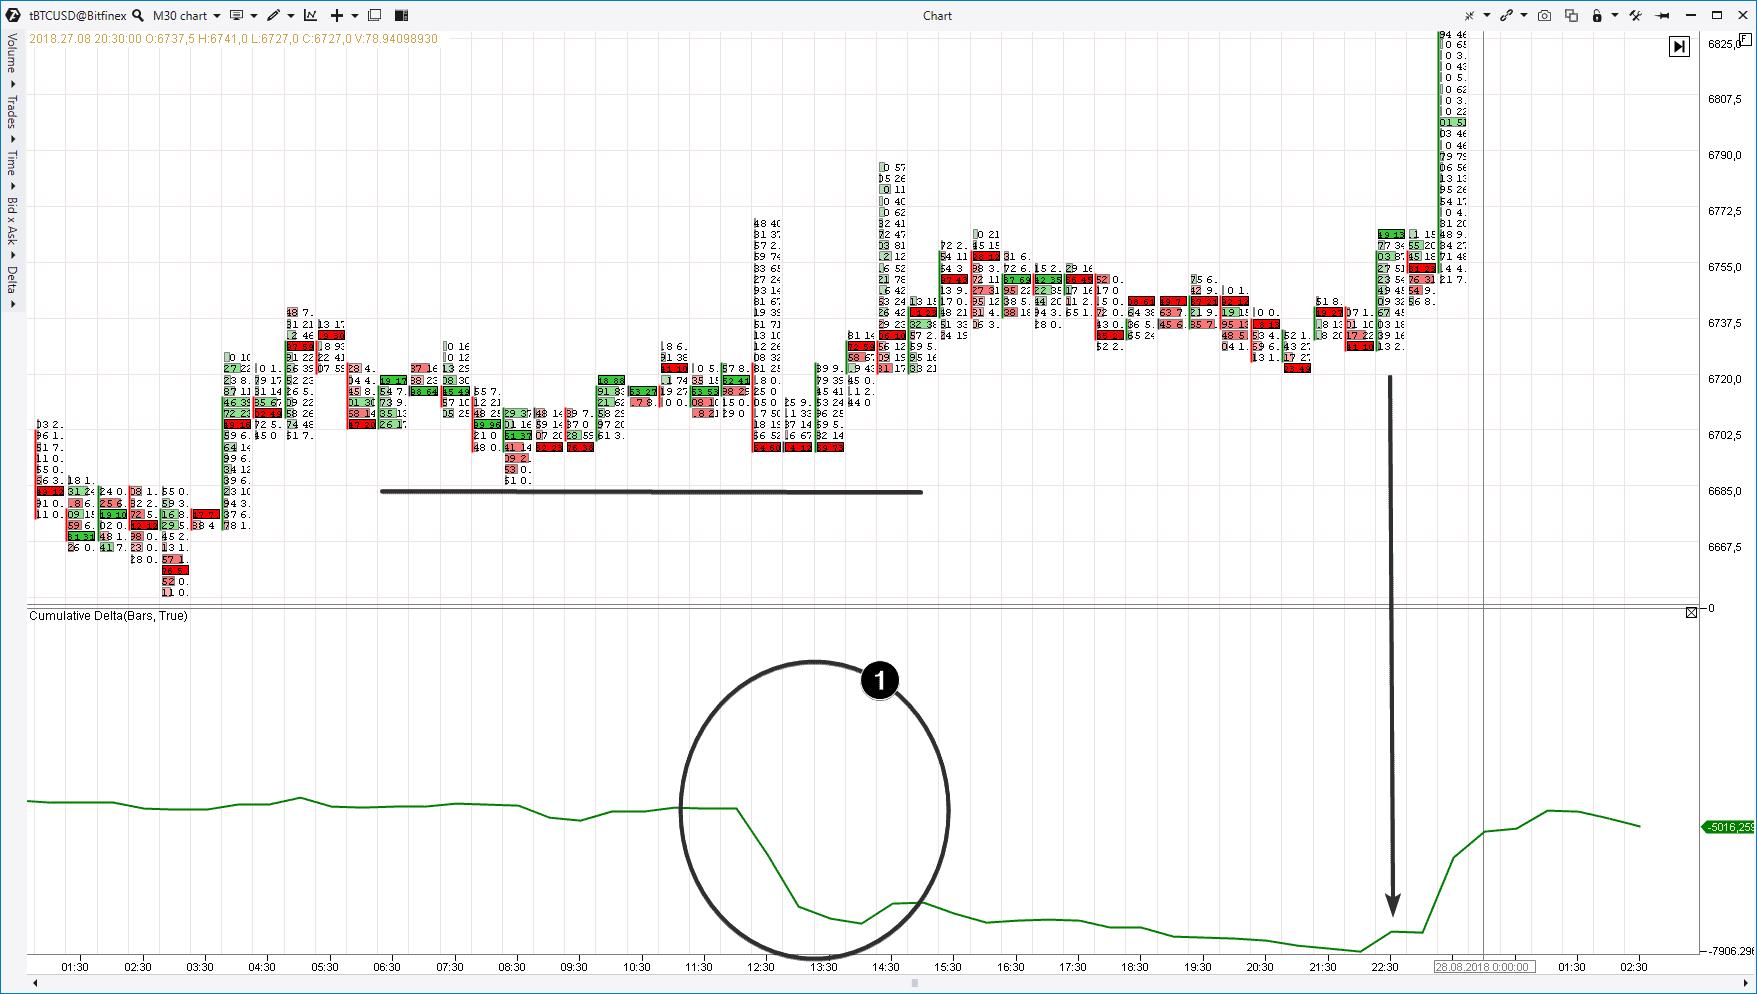 """Мы используем кластерный график с единственным индикатором Cumulative Delta (в форме линии). В точке 1 у нас произошли масштабные продажи по рынку. Об этом свидетельствует индикатор. Однако... какая реакция цены? Она не падает. Котировка биткоина даже не пробила предыдущий локальный минимум (черная горизонтальная линия). Способность цены держаться """"на плаву"""" несмотря на массивные продажи - это признак силы. Поиск входа в longs выглядит обоснованным. Когда индикатор кумулятивной дельты """"поднимает голову"""" (указано стрелкой) - это можно использовать как триггер для входа в покупки. Еще один пример - с рынка фьючерсов на нефть марки Brent."""